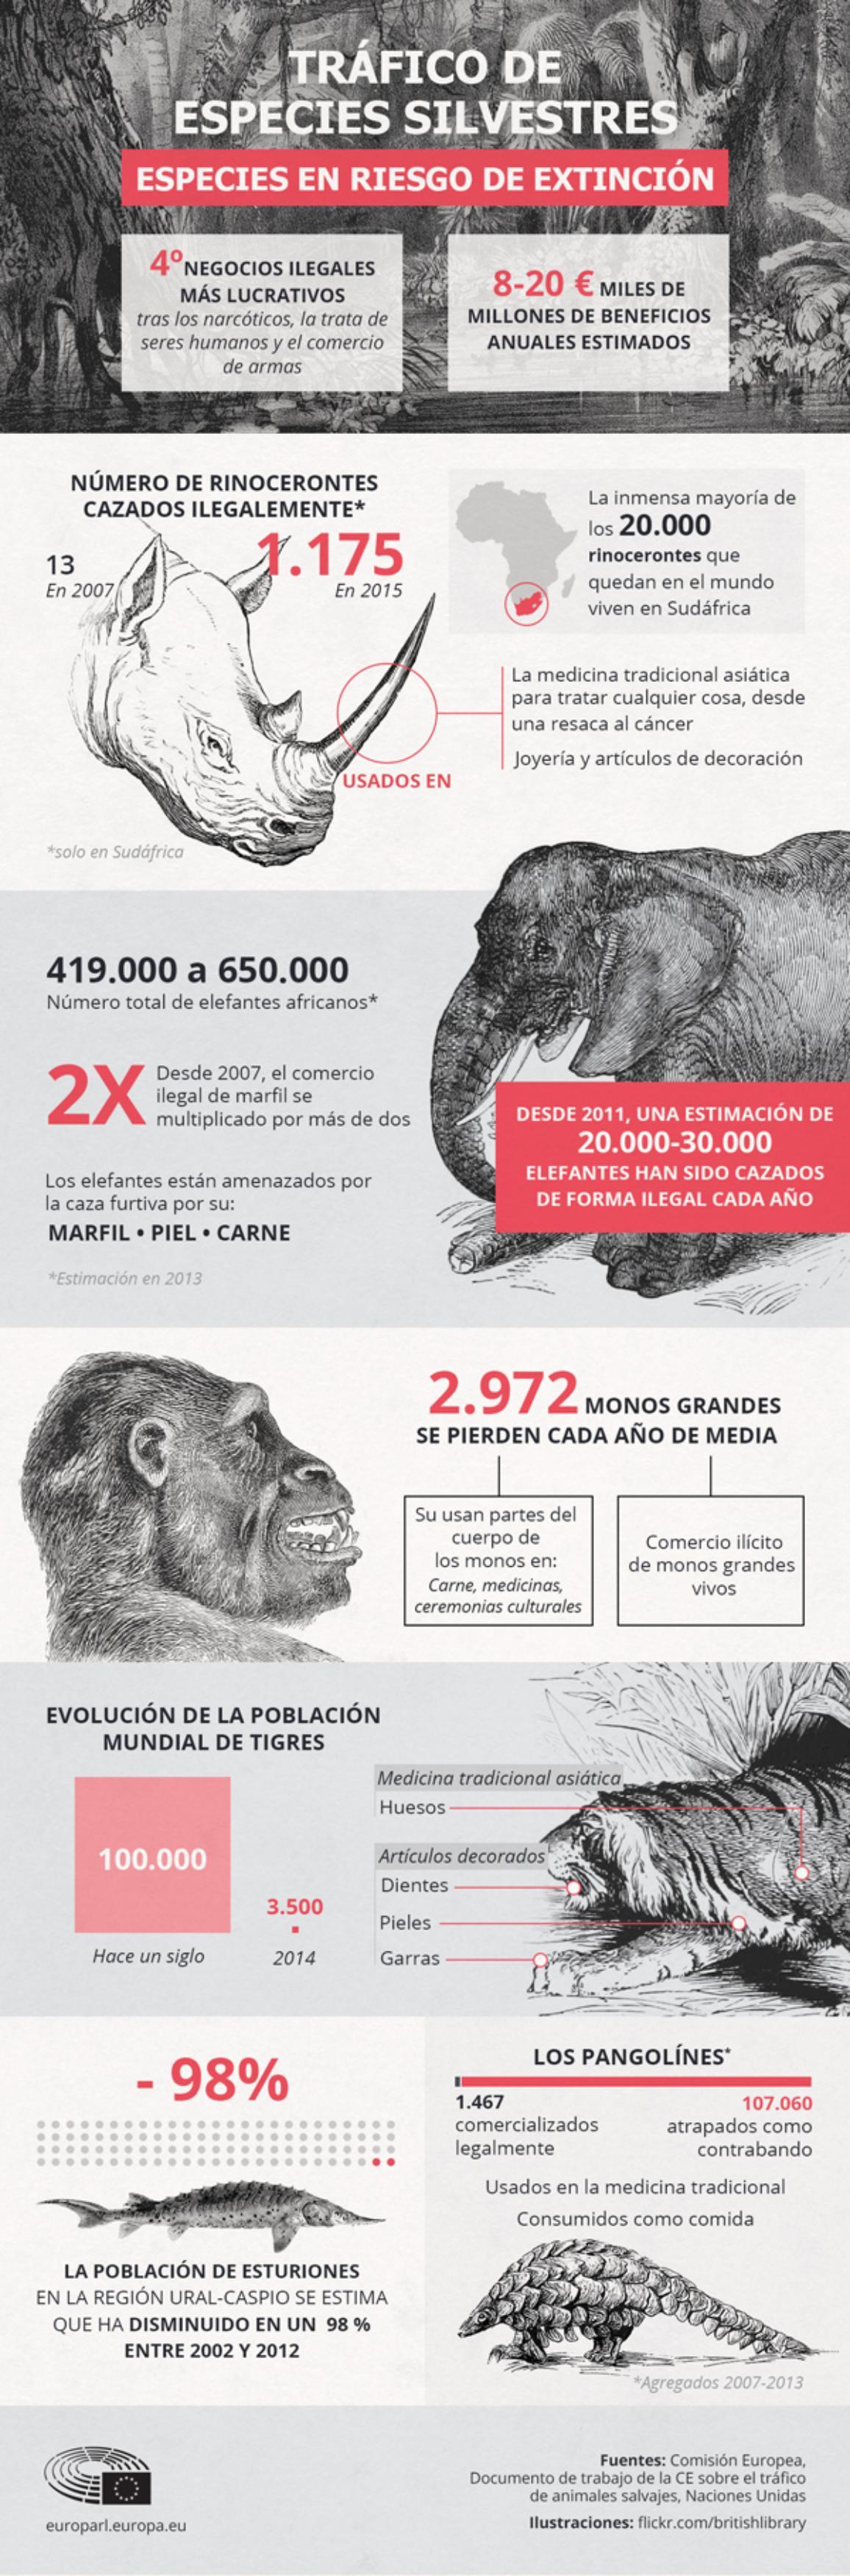 Las dos infografías que ilustran esta información detallan los datos más destacados sobre el tráfico y las especies en peligro de extinción.